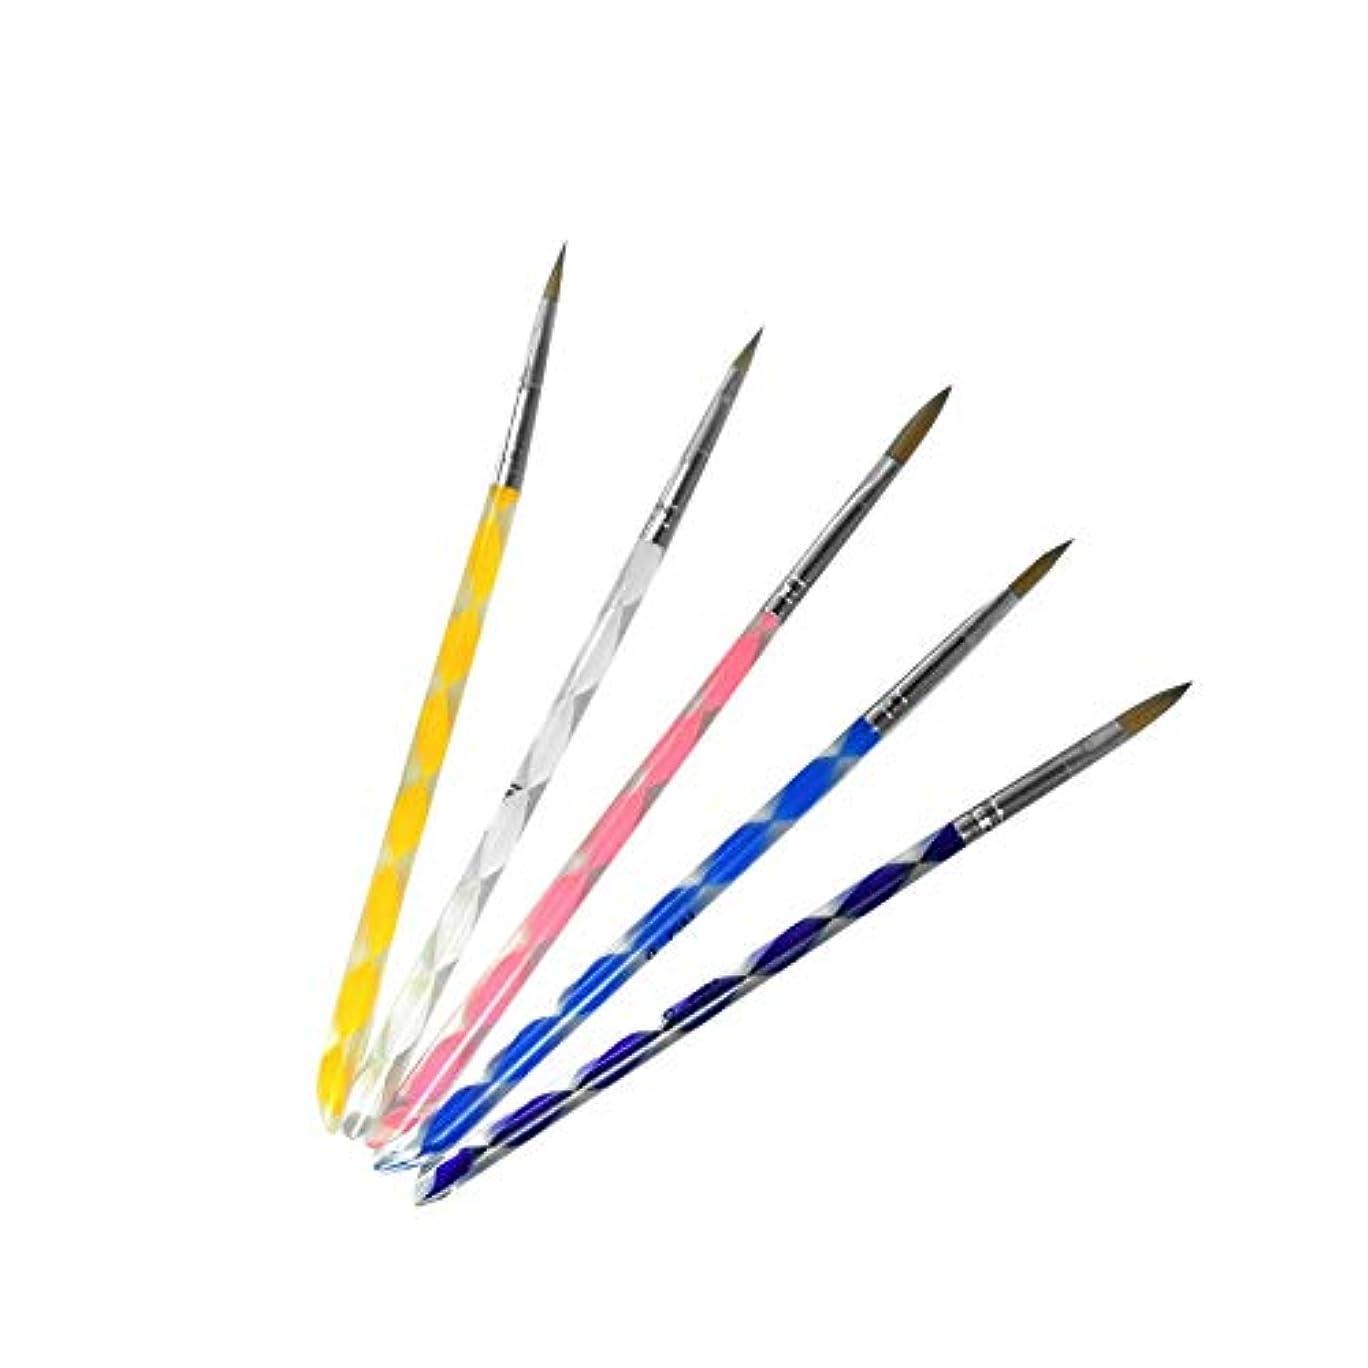 壊れた走る引き受ける絵筆5PCSネイルマニキュアペディキュアマニキュアペイントブラシ詳細ペイントブラシは、自然スパイラル偽、アクリルやジェルネイルを扱います